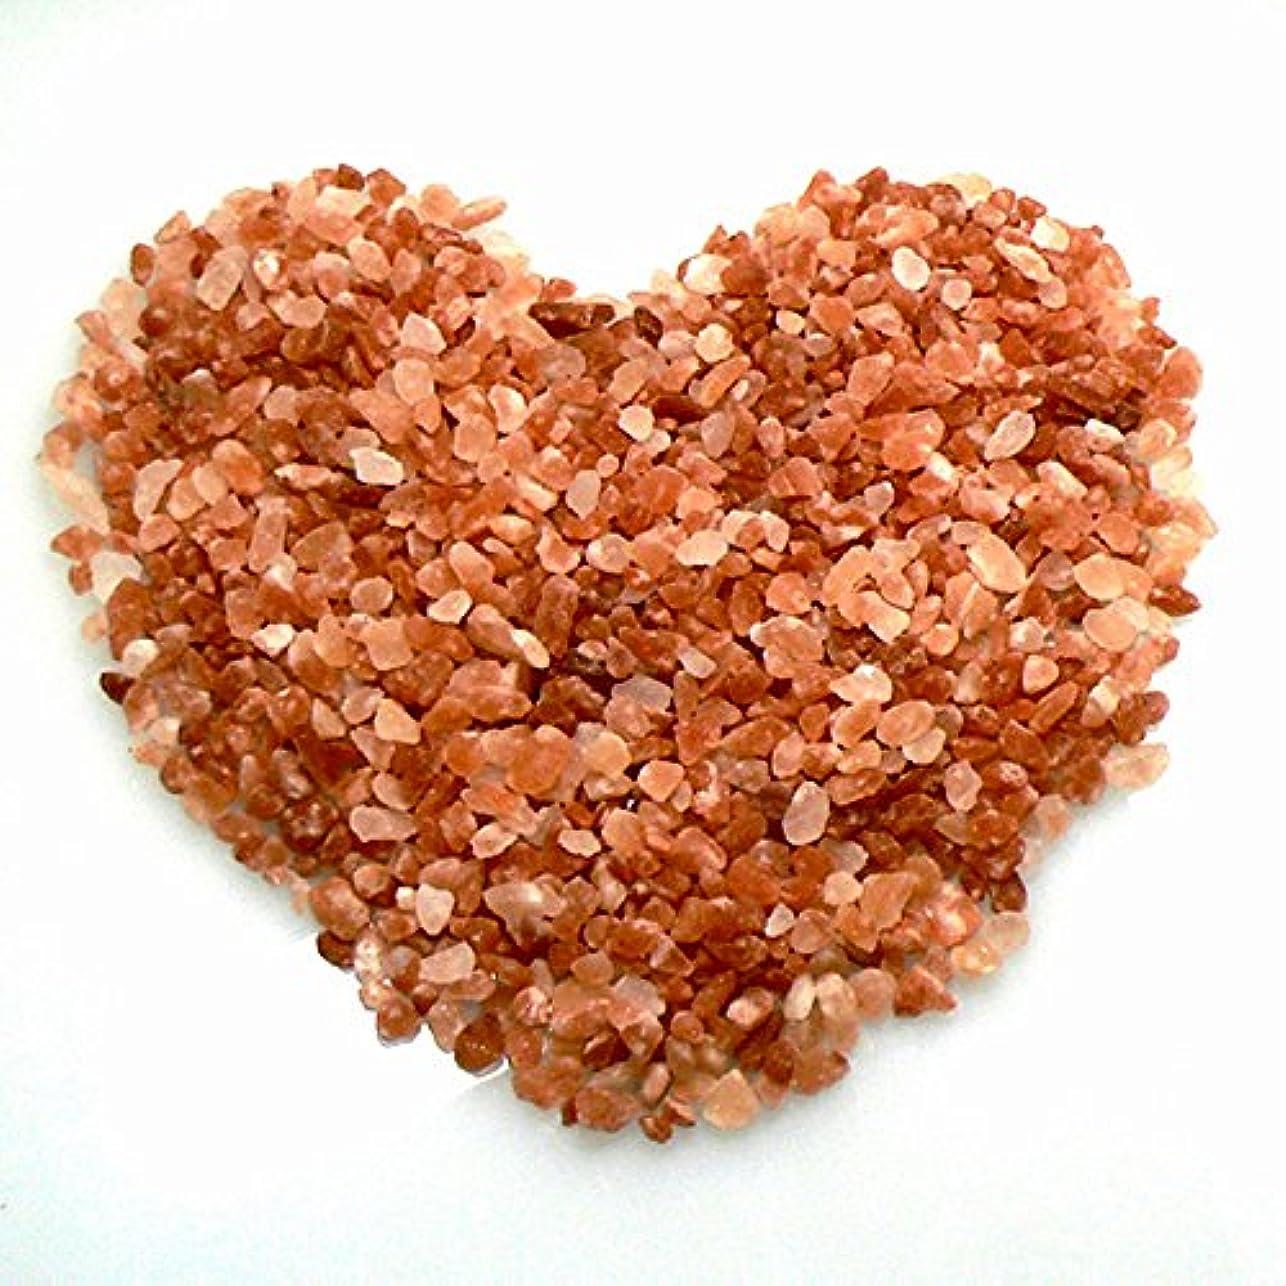 クリケット広々速度ヒマラヤ岩塩 ピンクソルト 入浴用 バスソルト(小粒)3kg ピンク岩塩